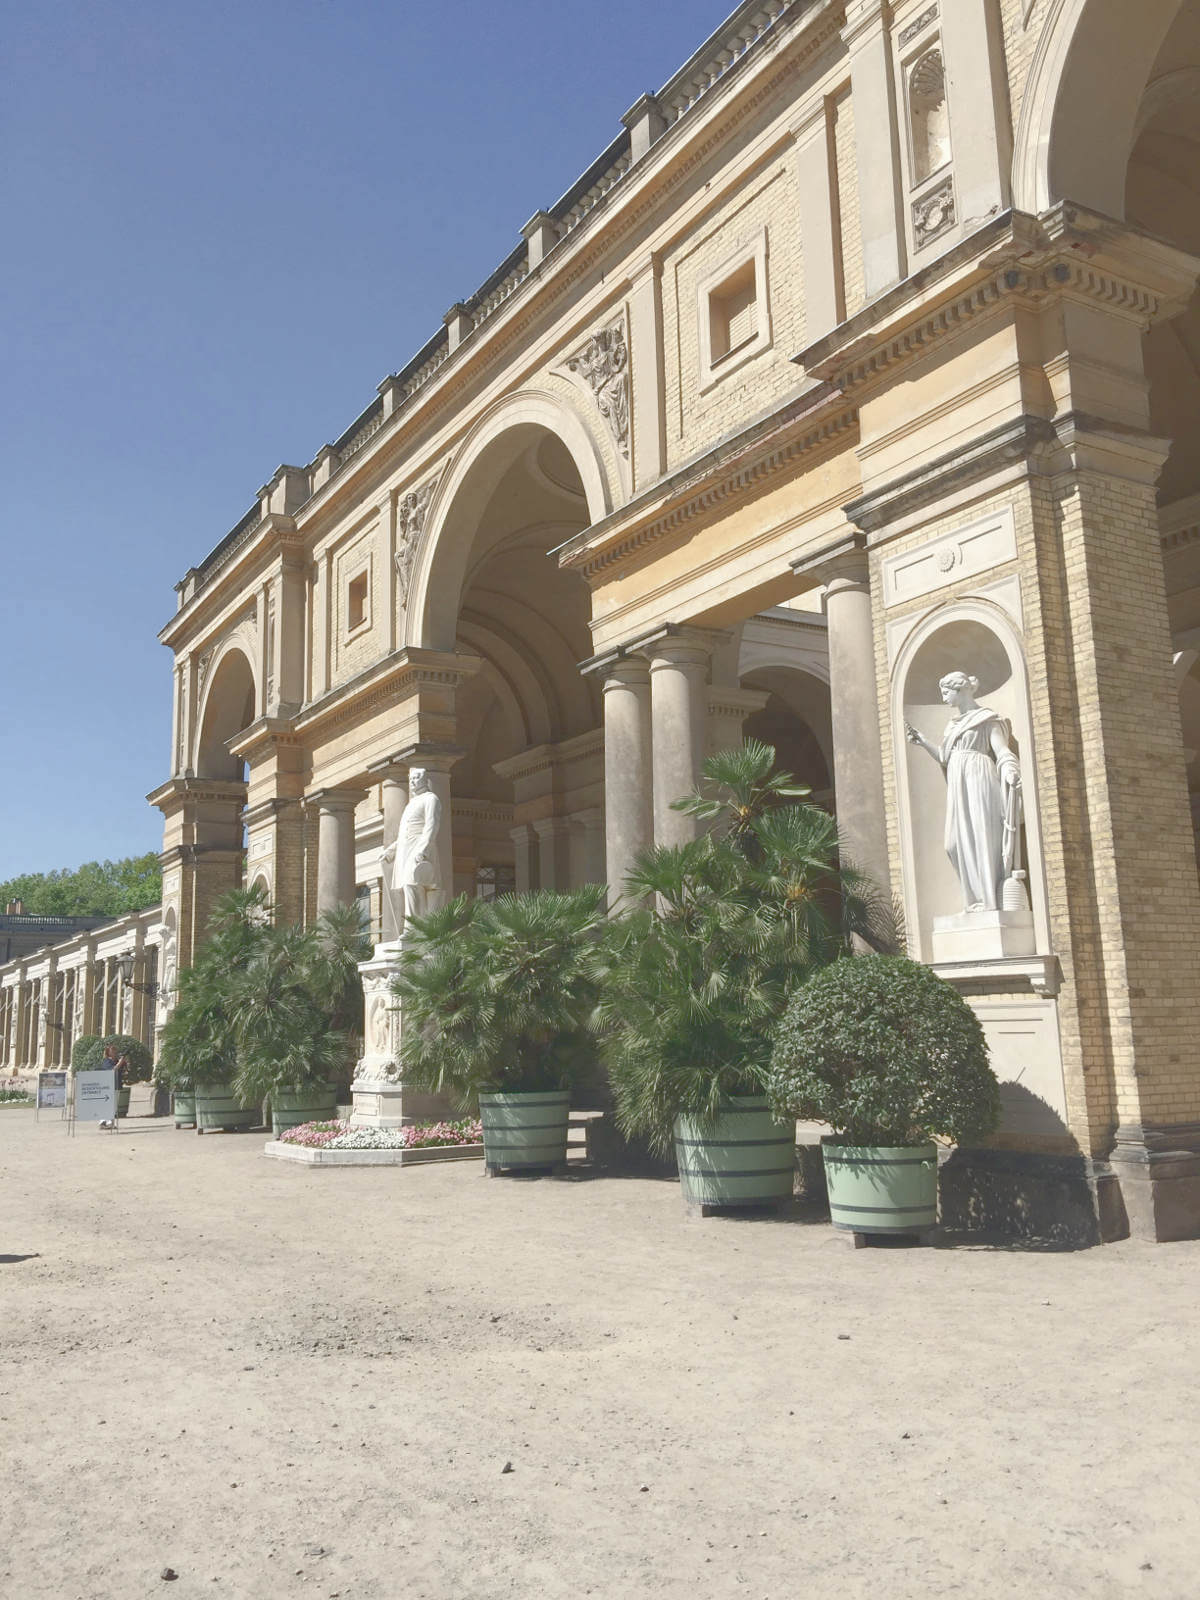 Blick auf Hauptgebäude des Orangerieschloss mit Pflanzen am Eingang im Park Sanssouci in Potsdam, Brandenburg